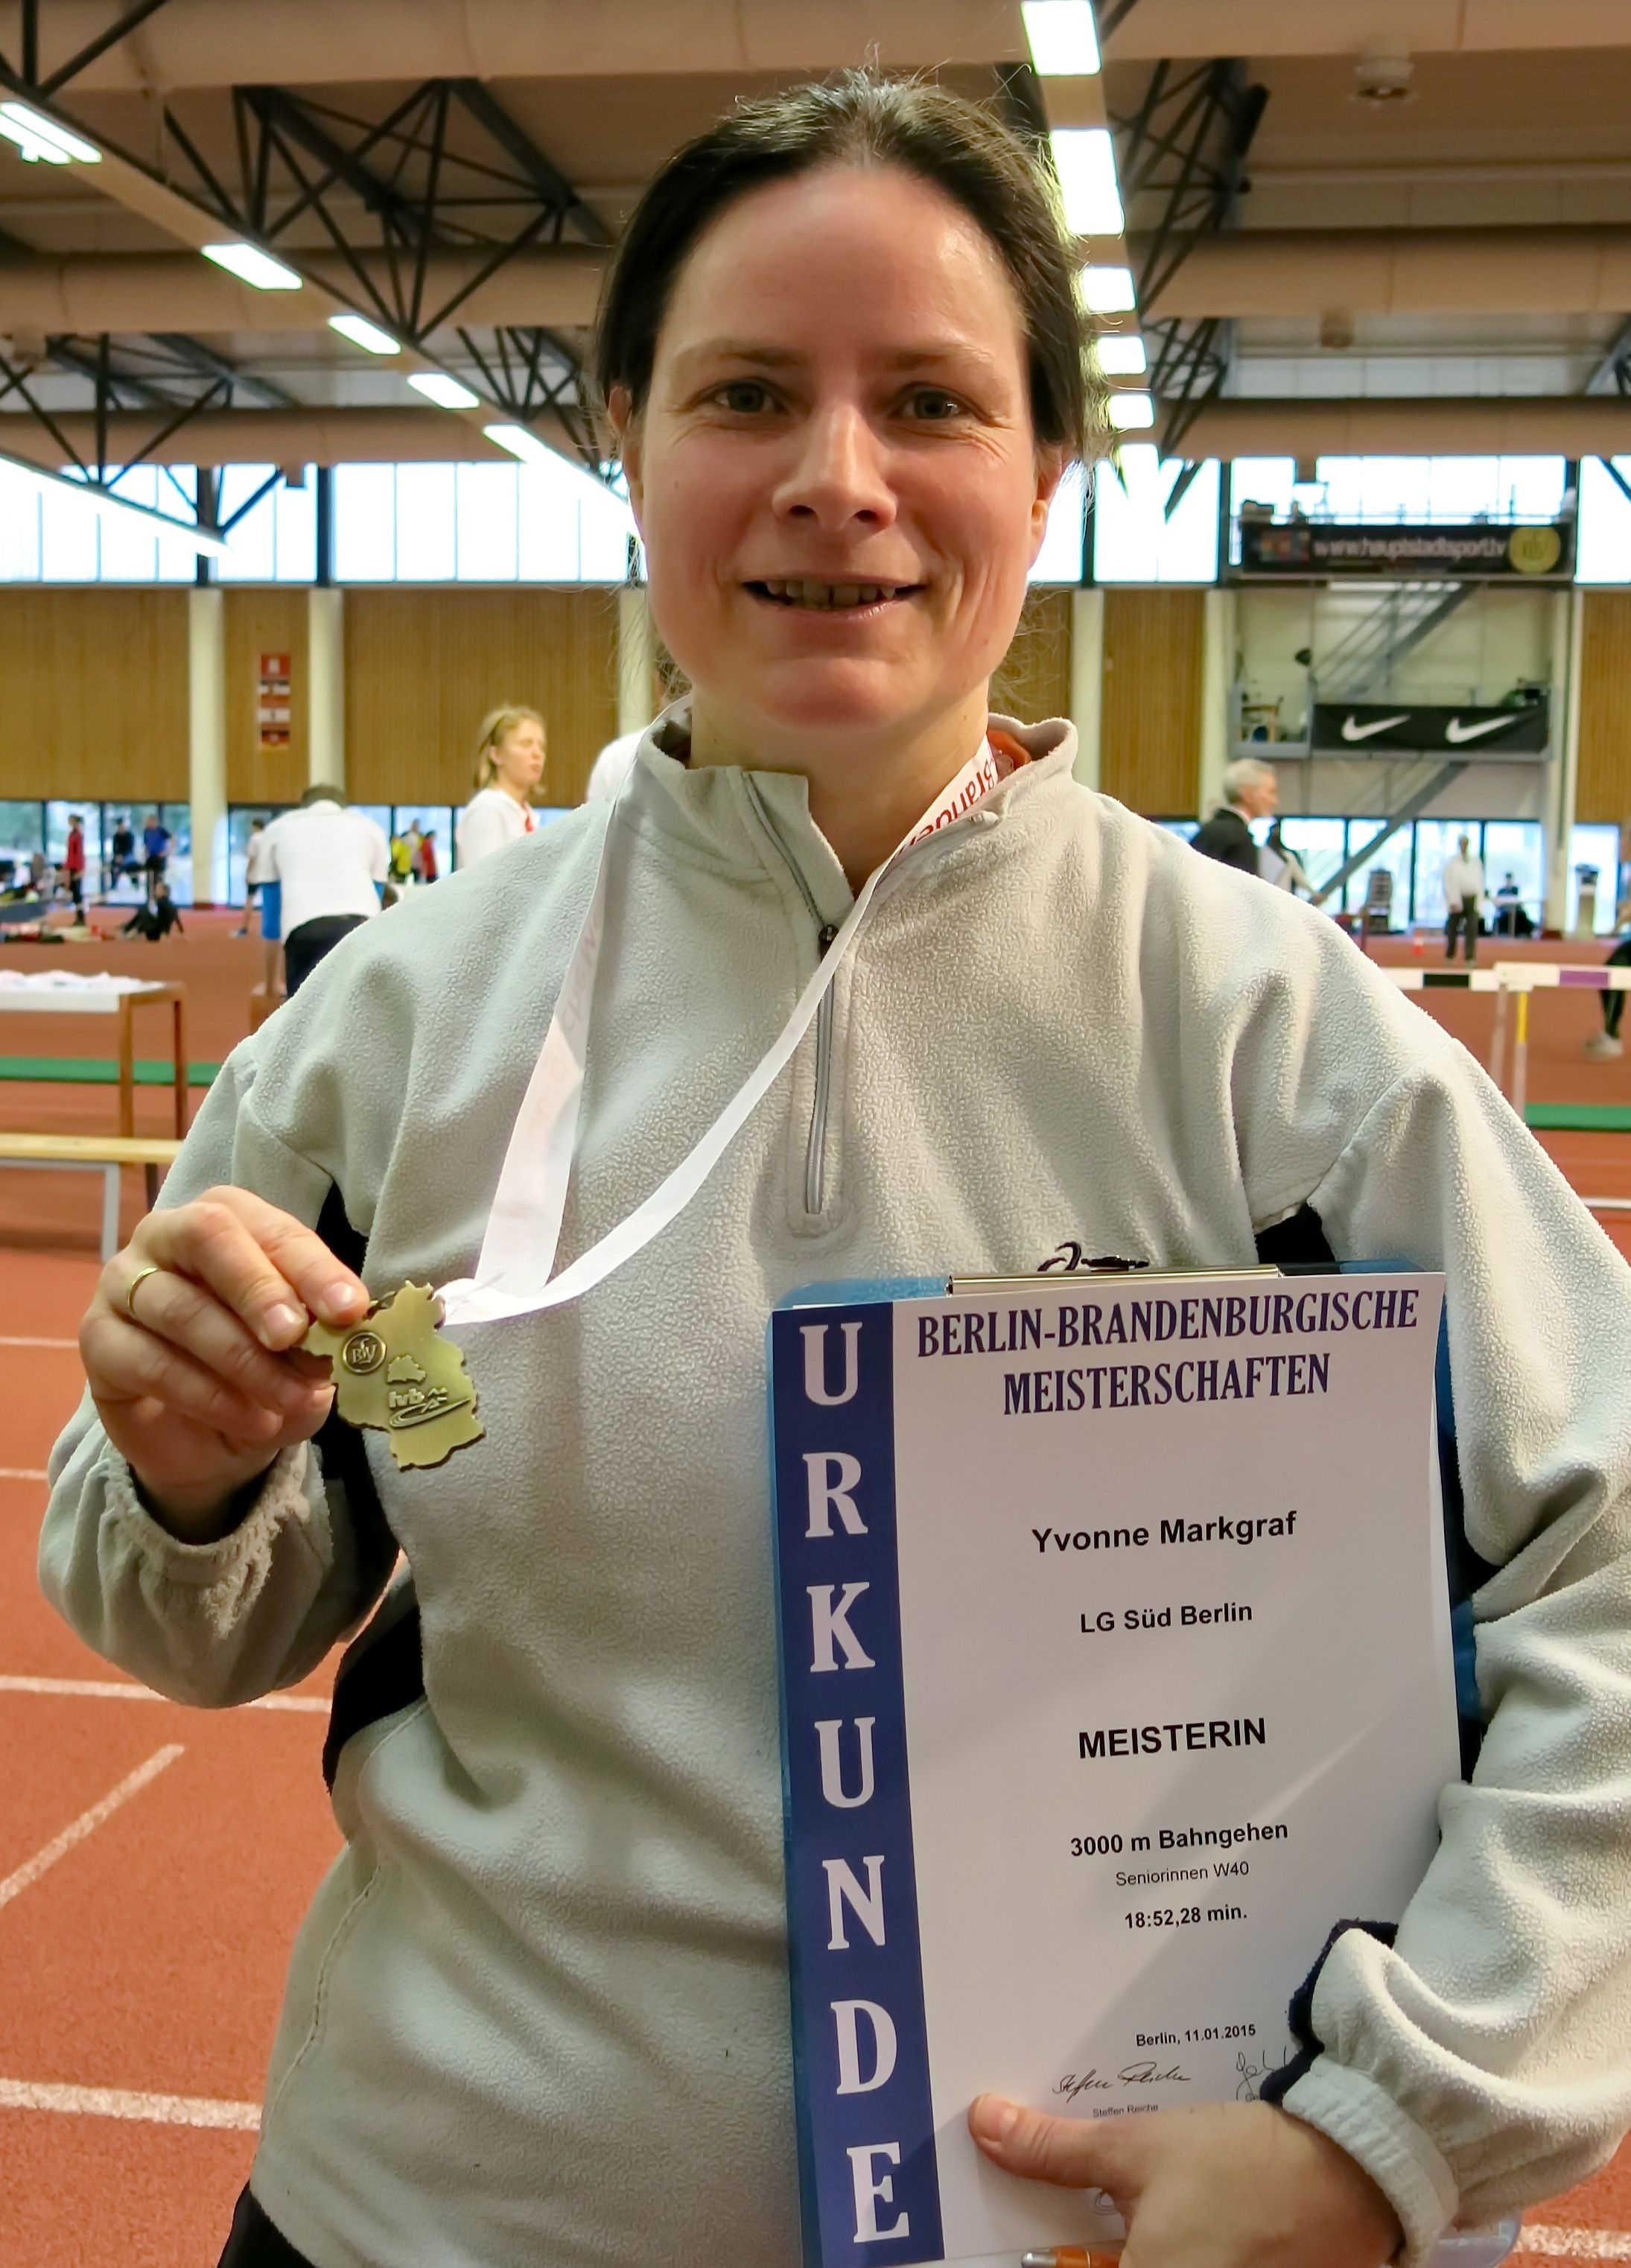 LG Süd Berlin holt ersten Titel bei den Berlin-Brandenburgischen Meisterschaften